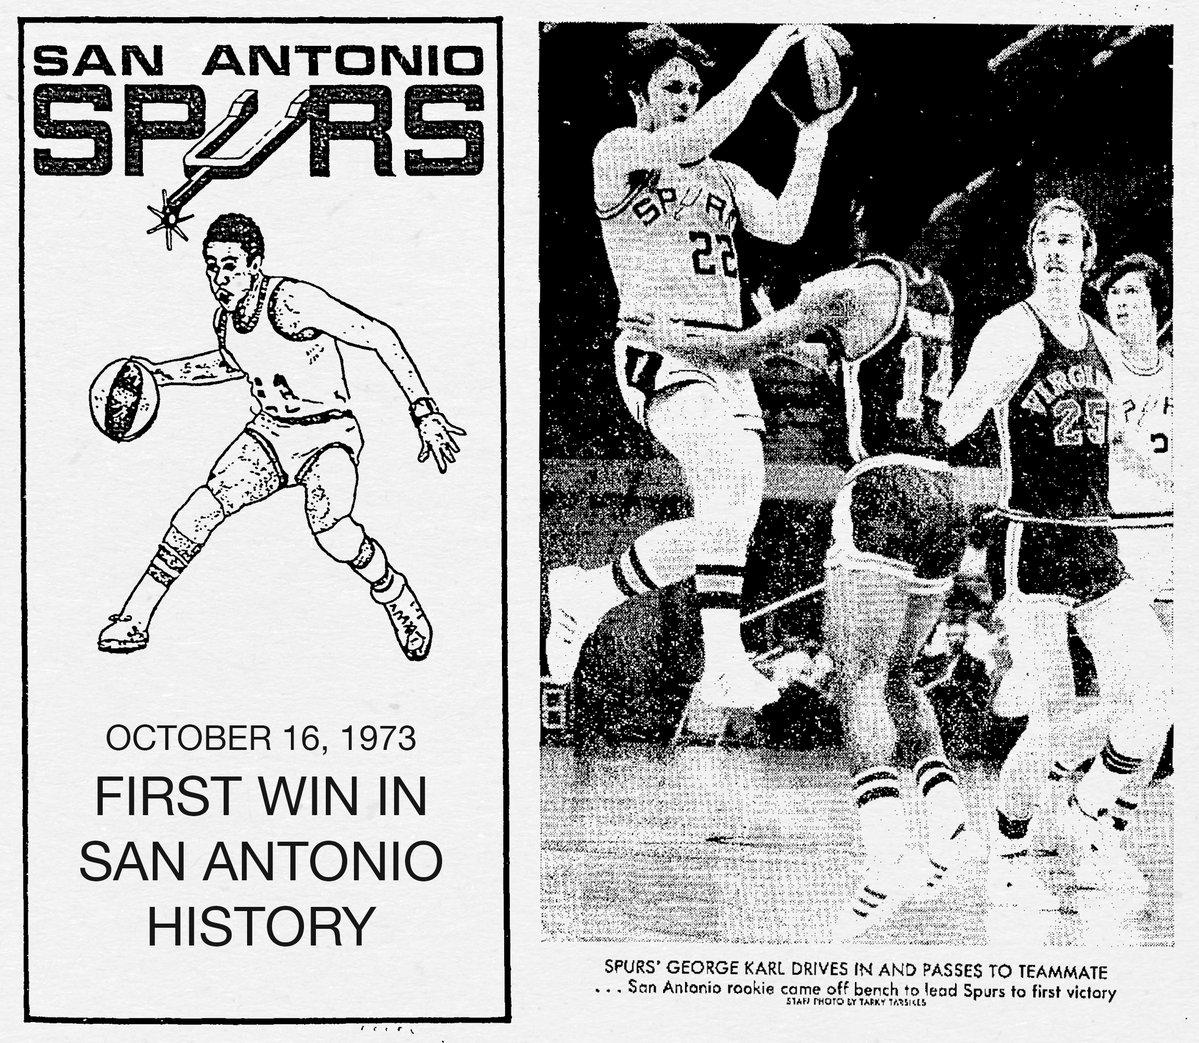 44年前的今天馬刺獲得聖安東尼奧首勝